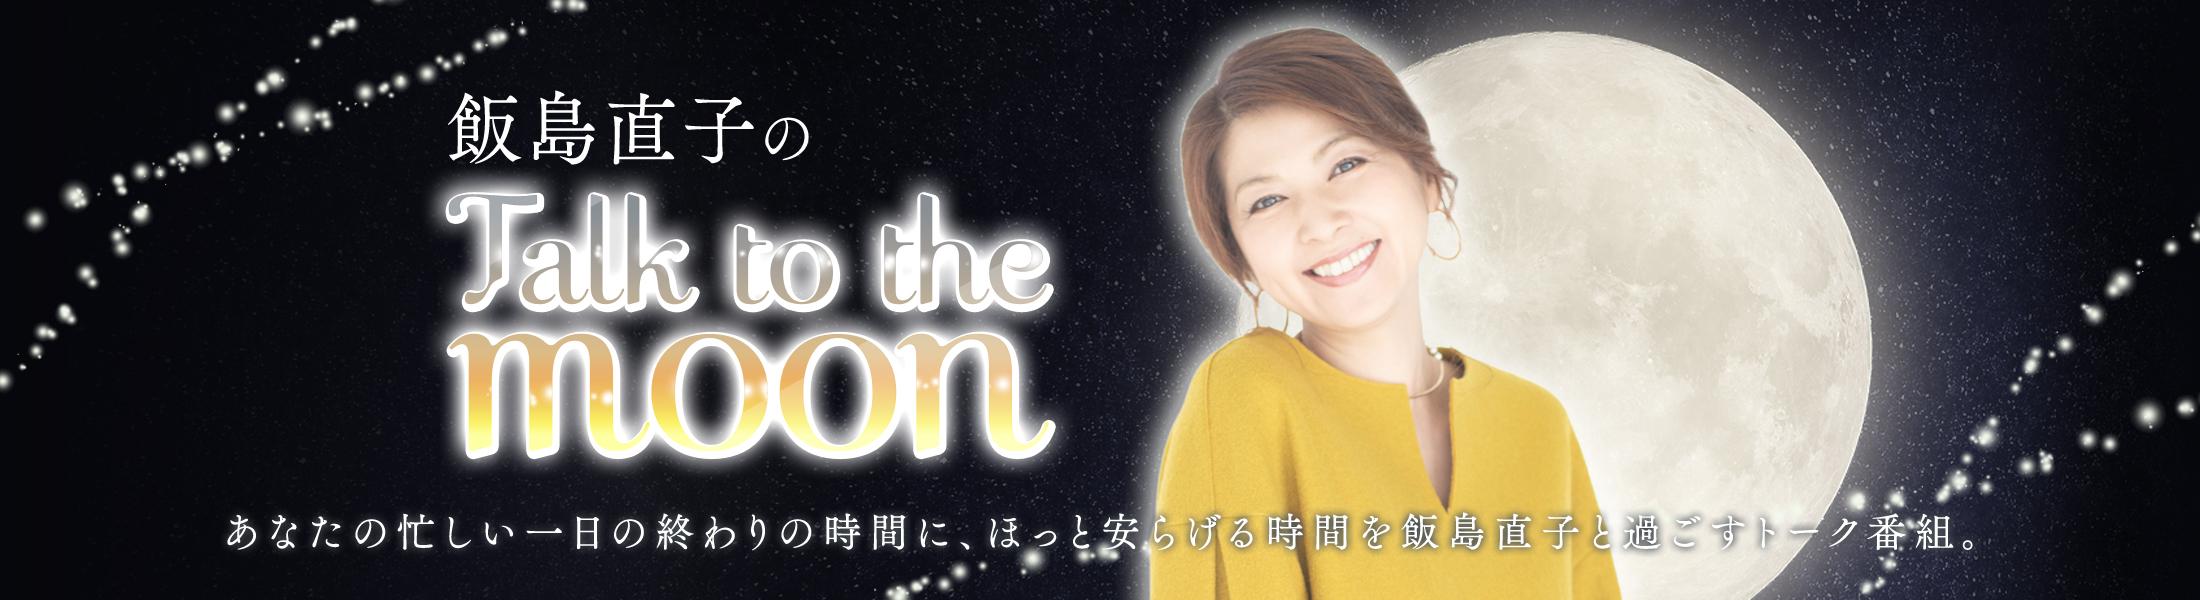 飯島直子のTalk to the moon